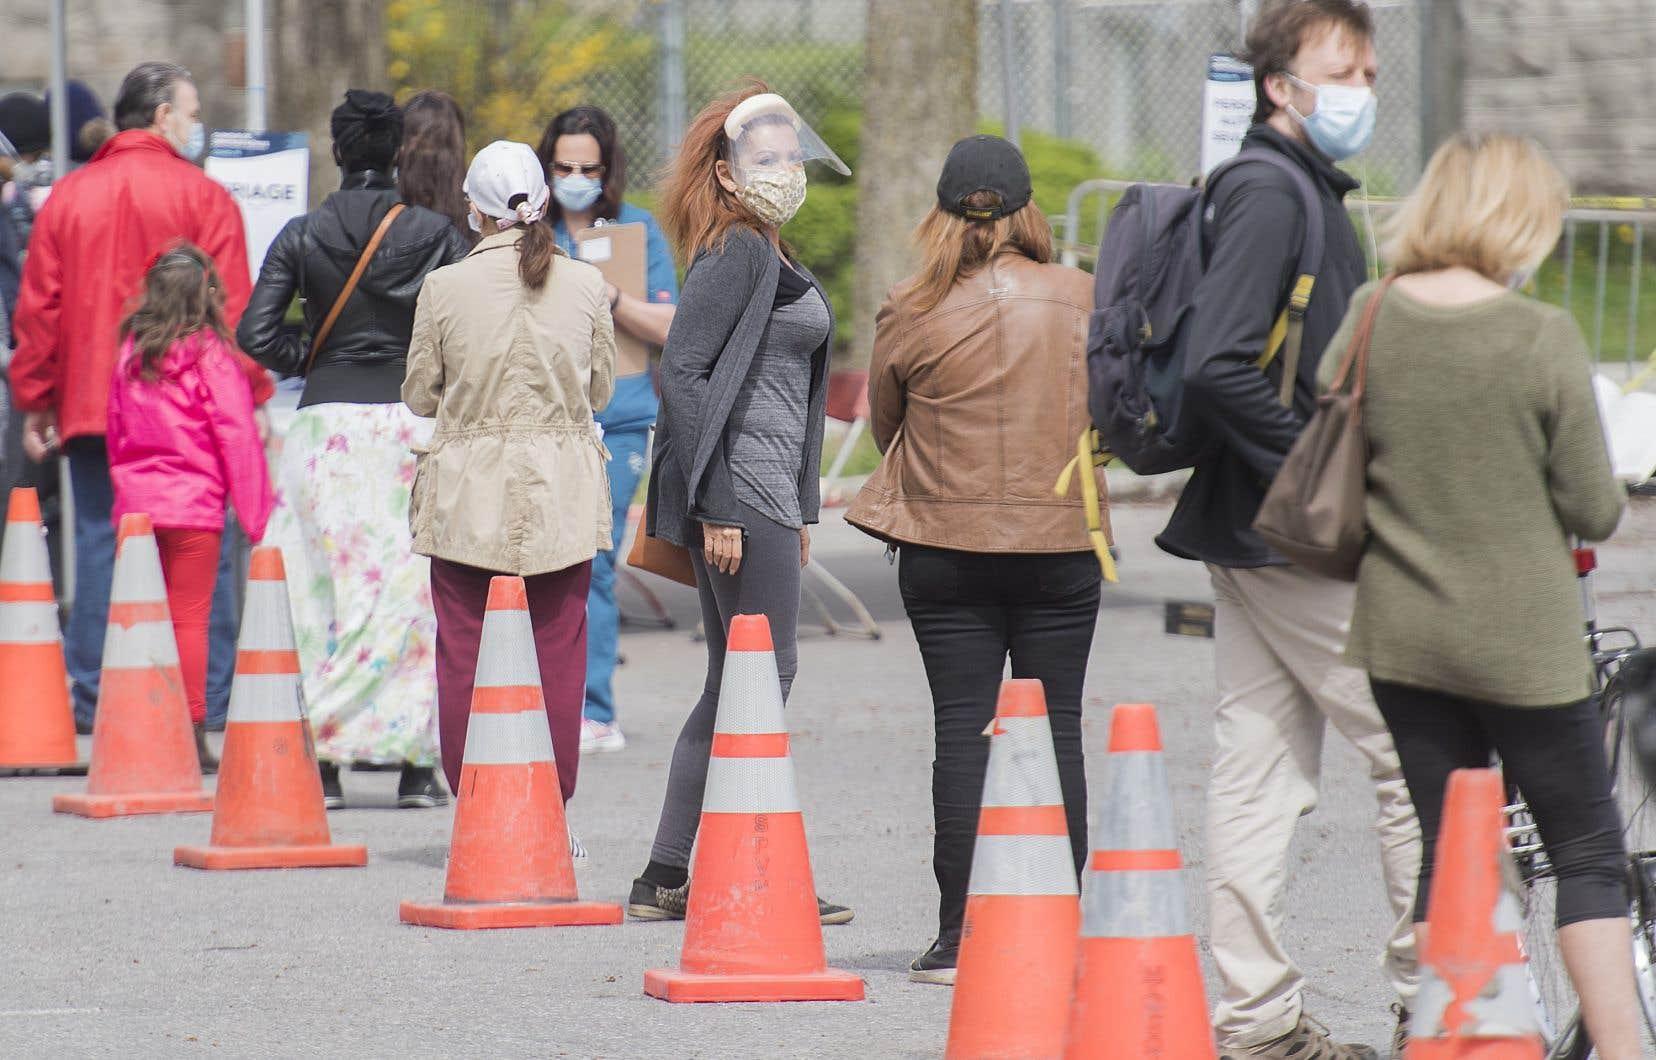 Des gens faisant la file afin d'être testés pour la COVID-19 dans une clinique mobile à Montréal, le dimanche 17 mai 2020